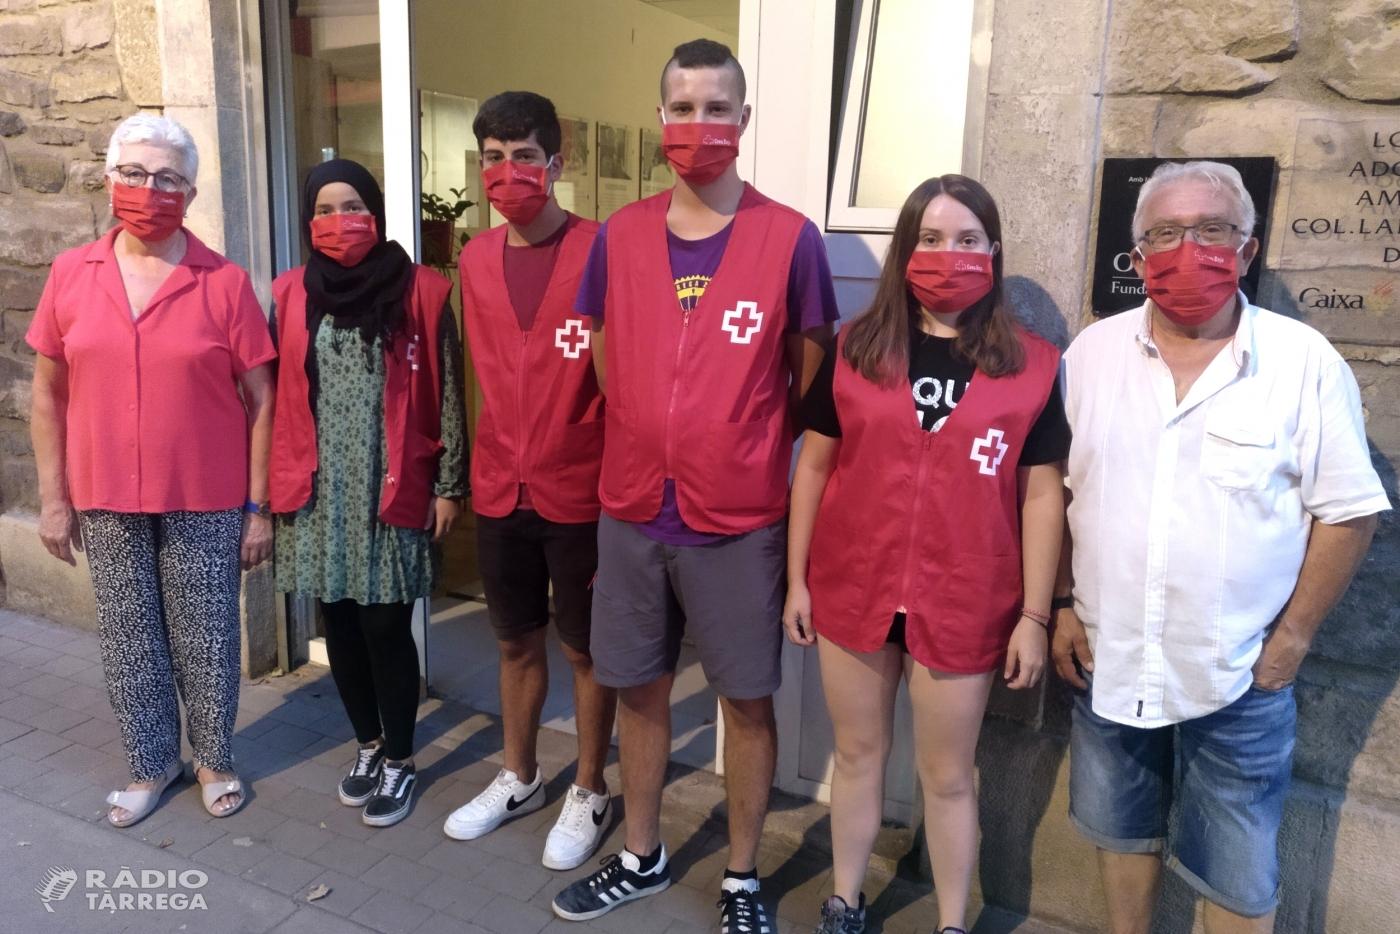 Creu Roja desplega quatre agents de salut a Tàrrega per sensibilitzar la gent jove davant la Covid-19 durant l'oci nocturn